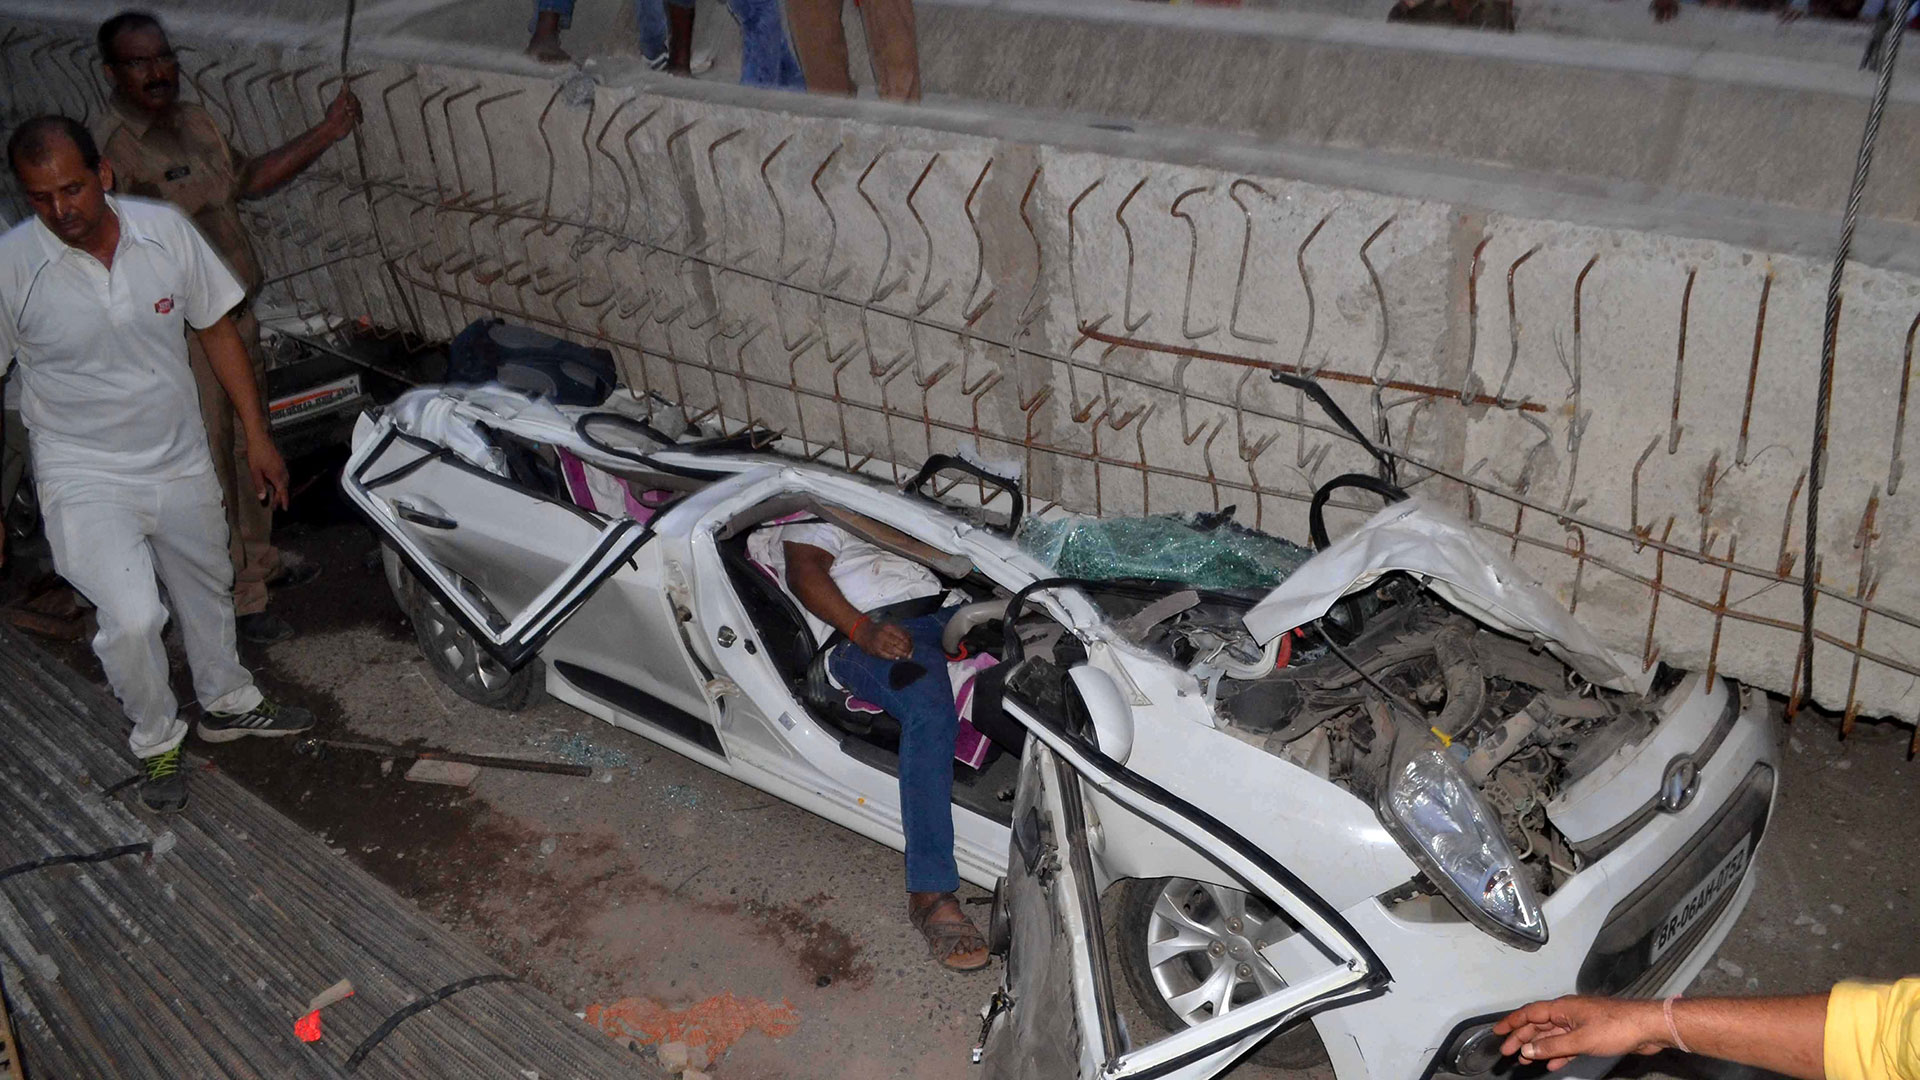 Un puente en construcción se derrumbó en la India dejando 16 muertos (Reuters)